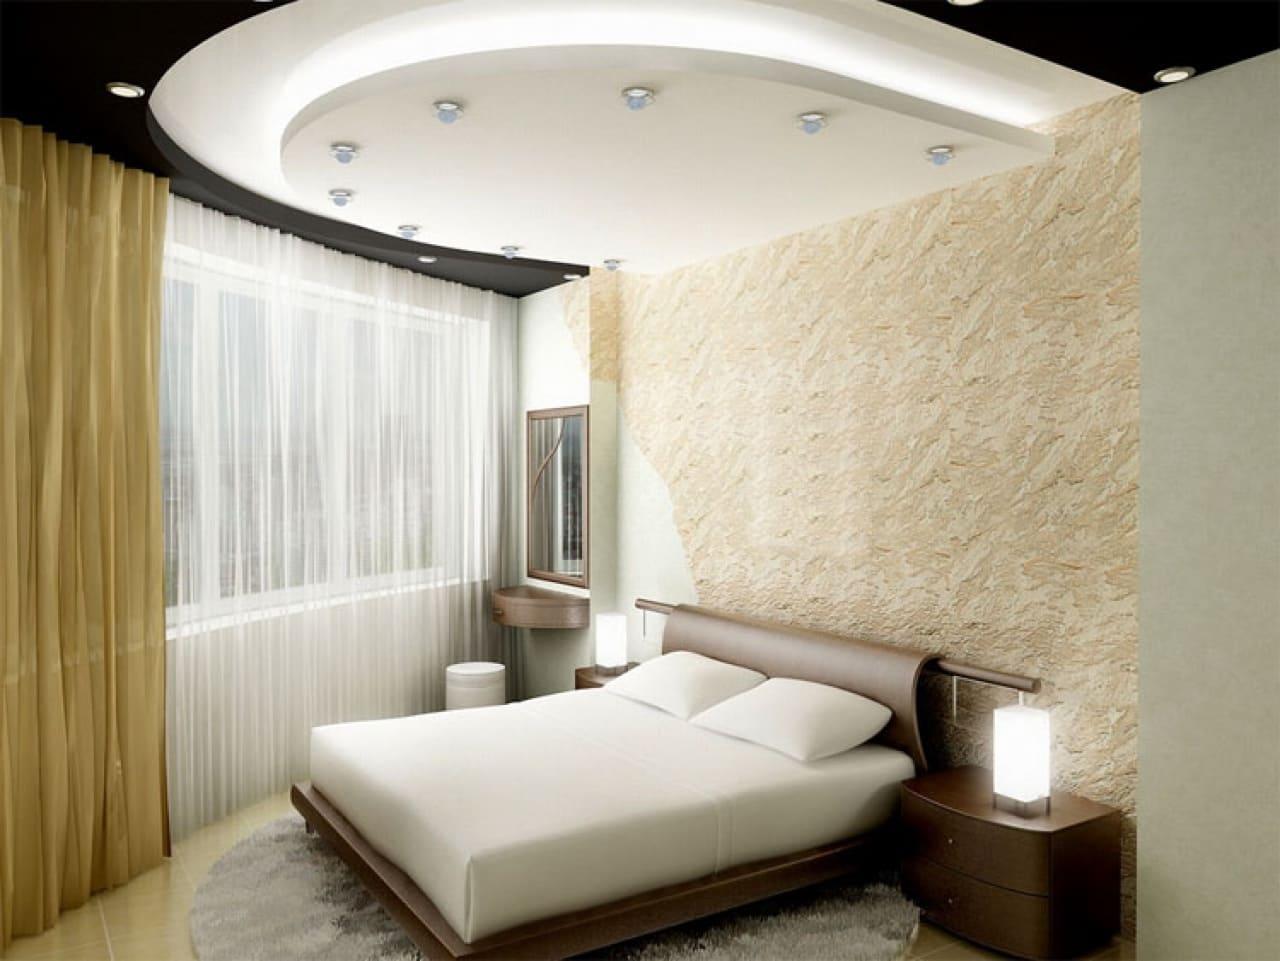 Декоративная штукатурка - лучшие красивые варианты отделки стен в интерьере 173